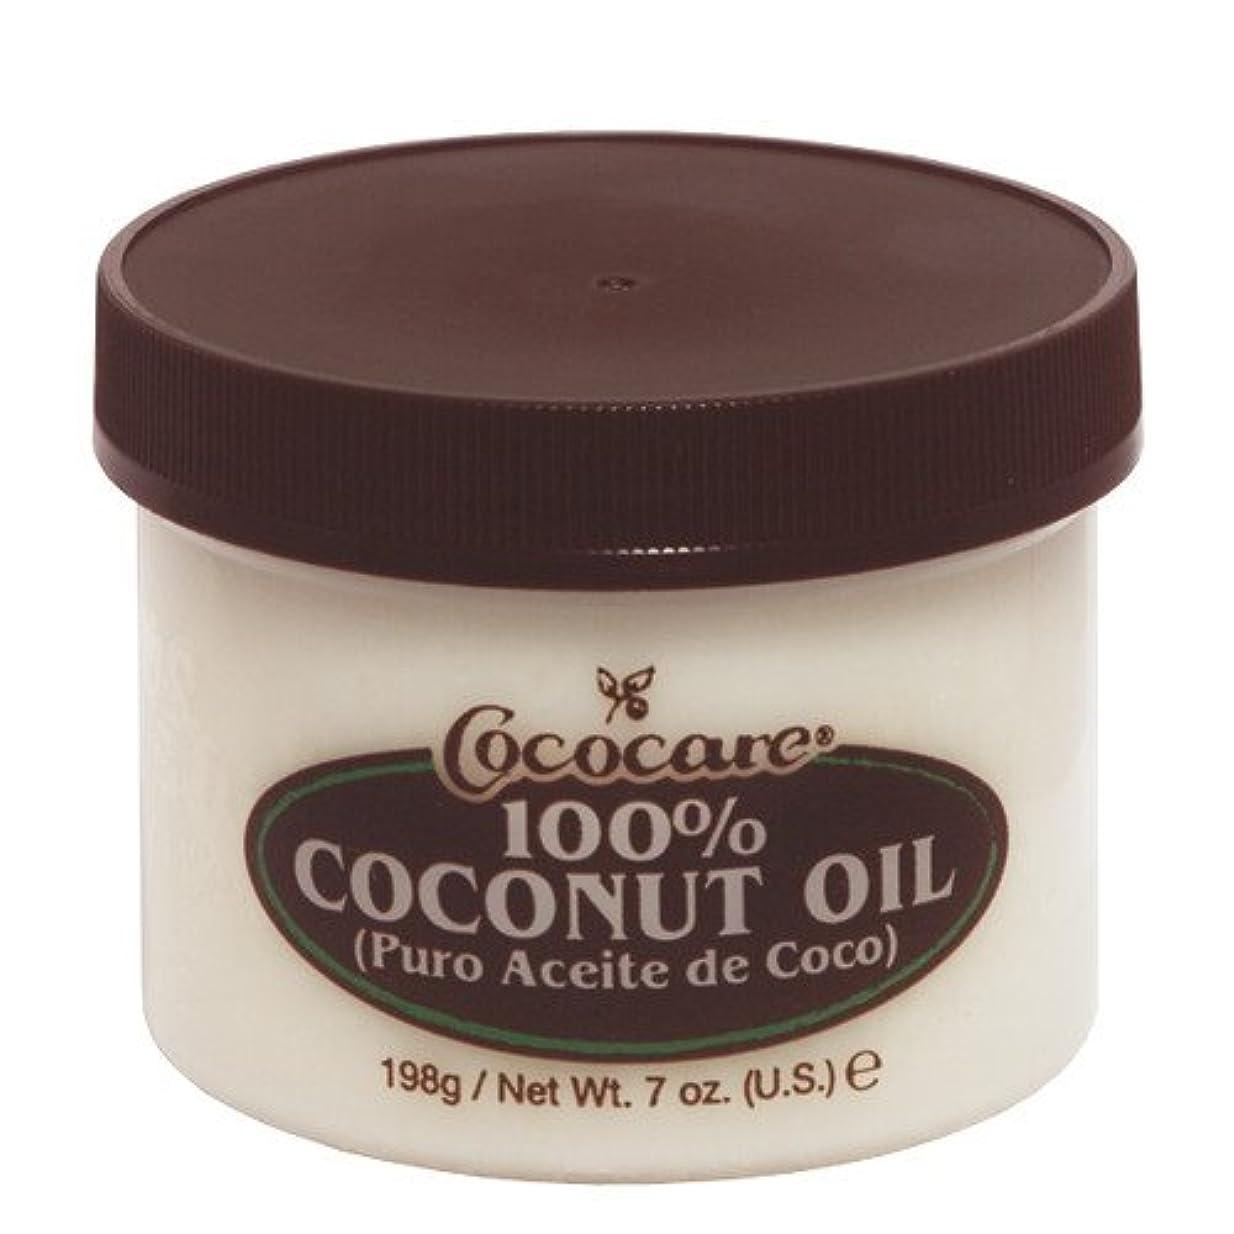 種をまく晩ごはん思いやりのあるCOCOCARE ココケア ココナッツオイル 198g